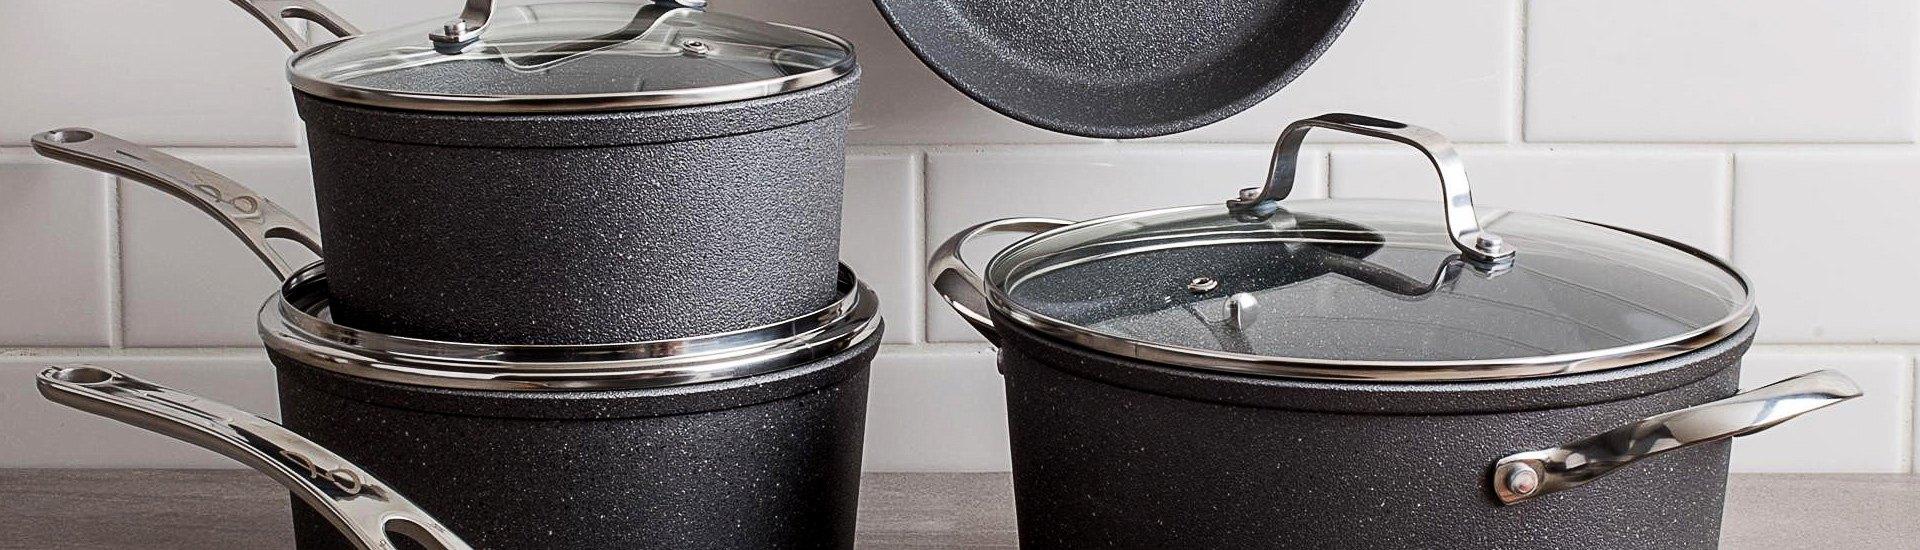 Kitchen & Kitchenware